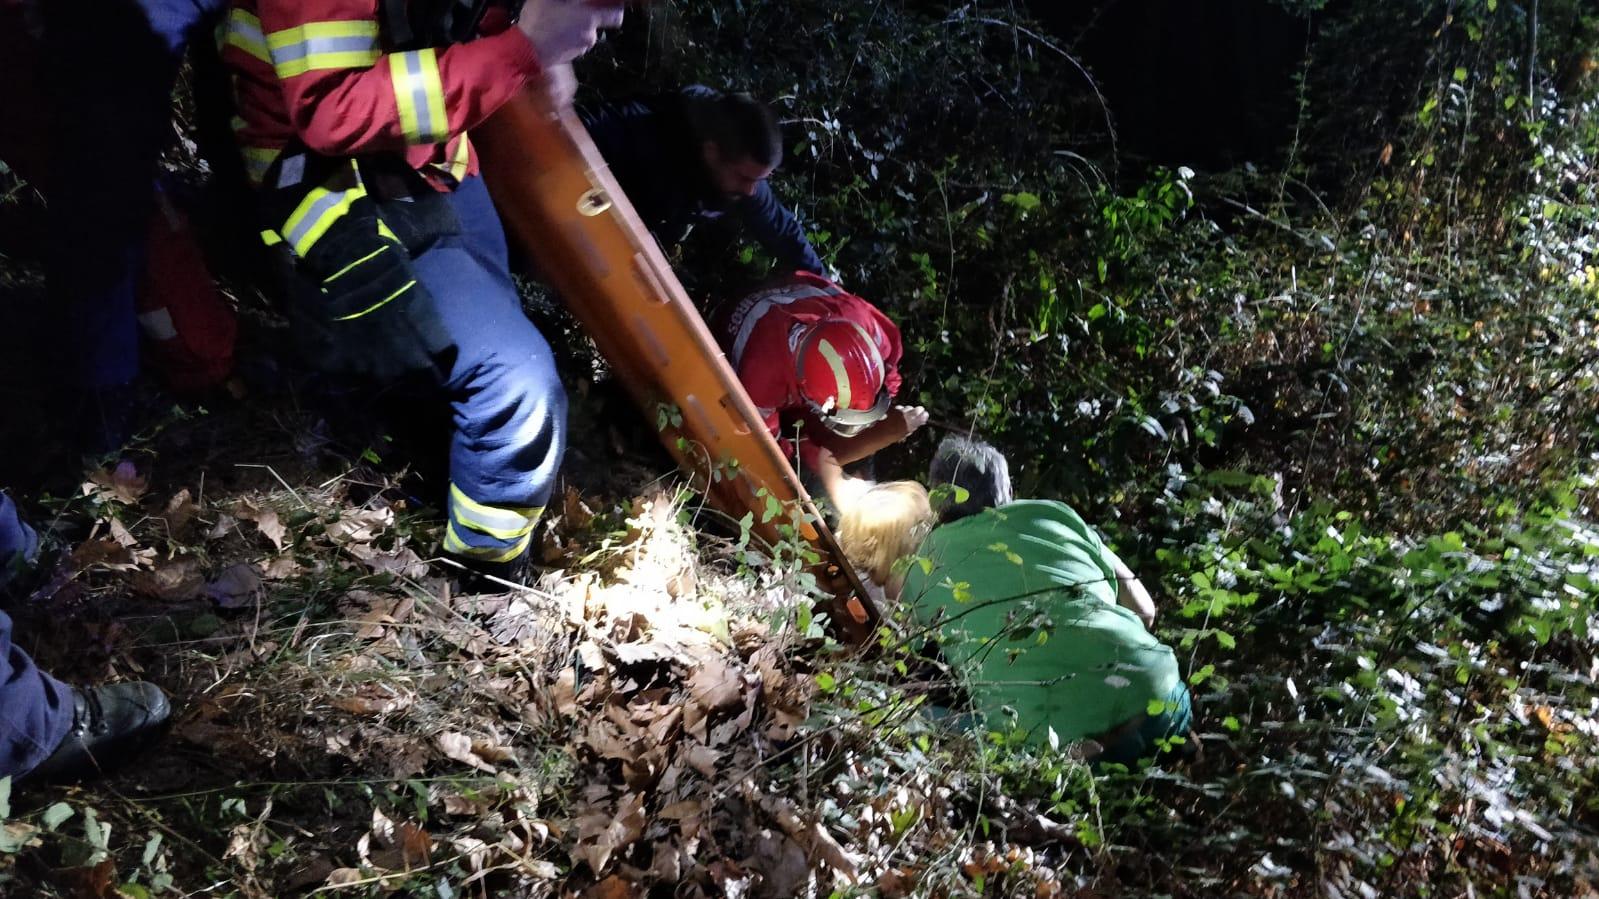 Bombeiros de Arcos de Valdevez resgatam mulher caída em ravina